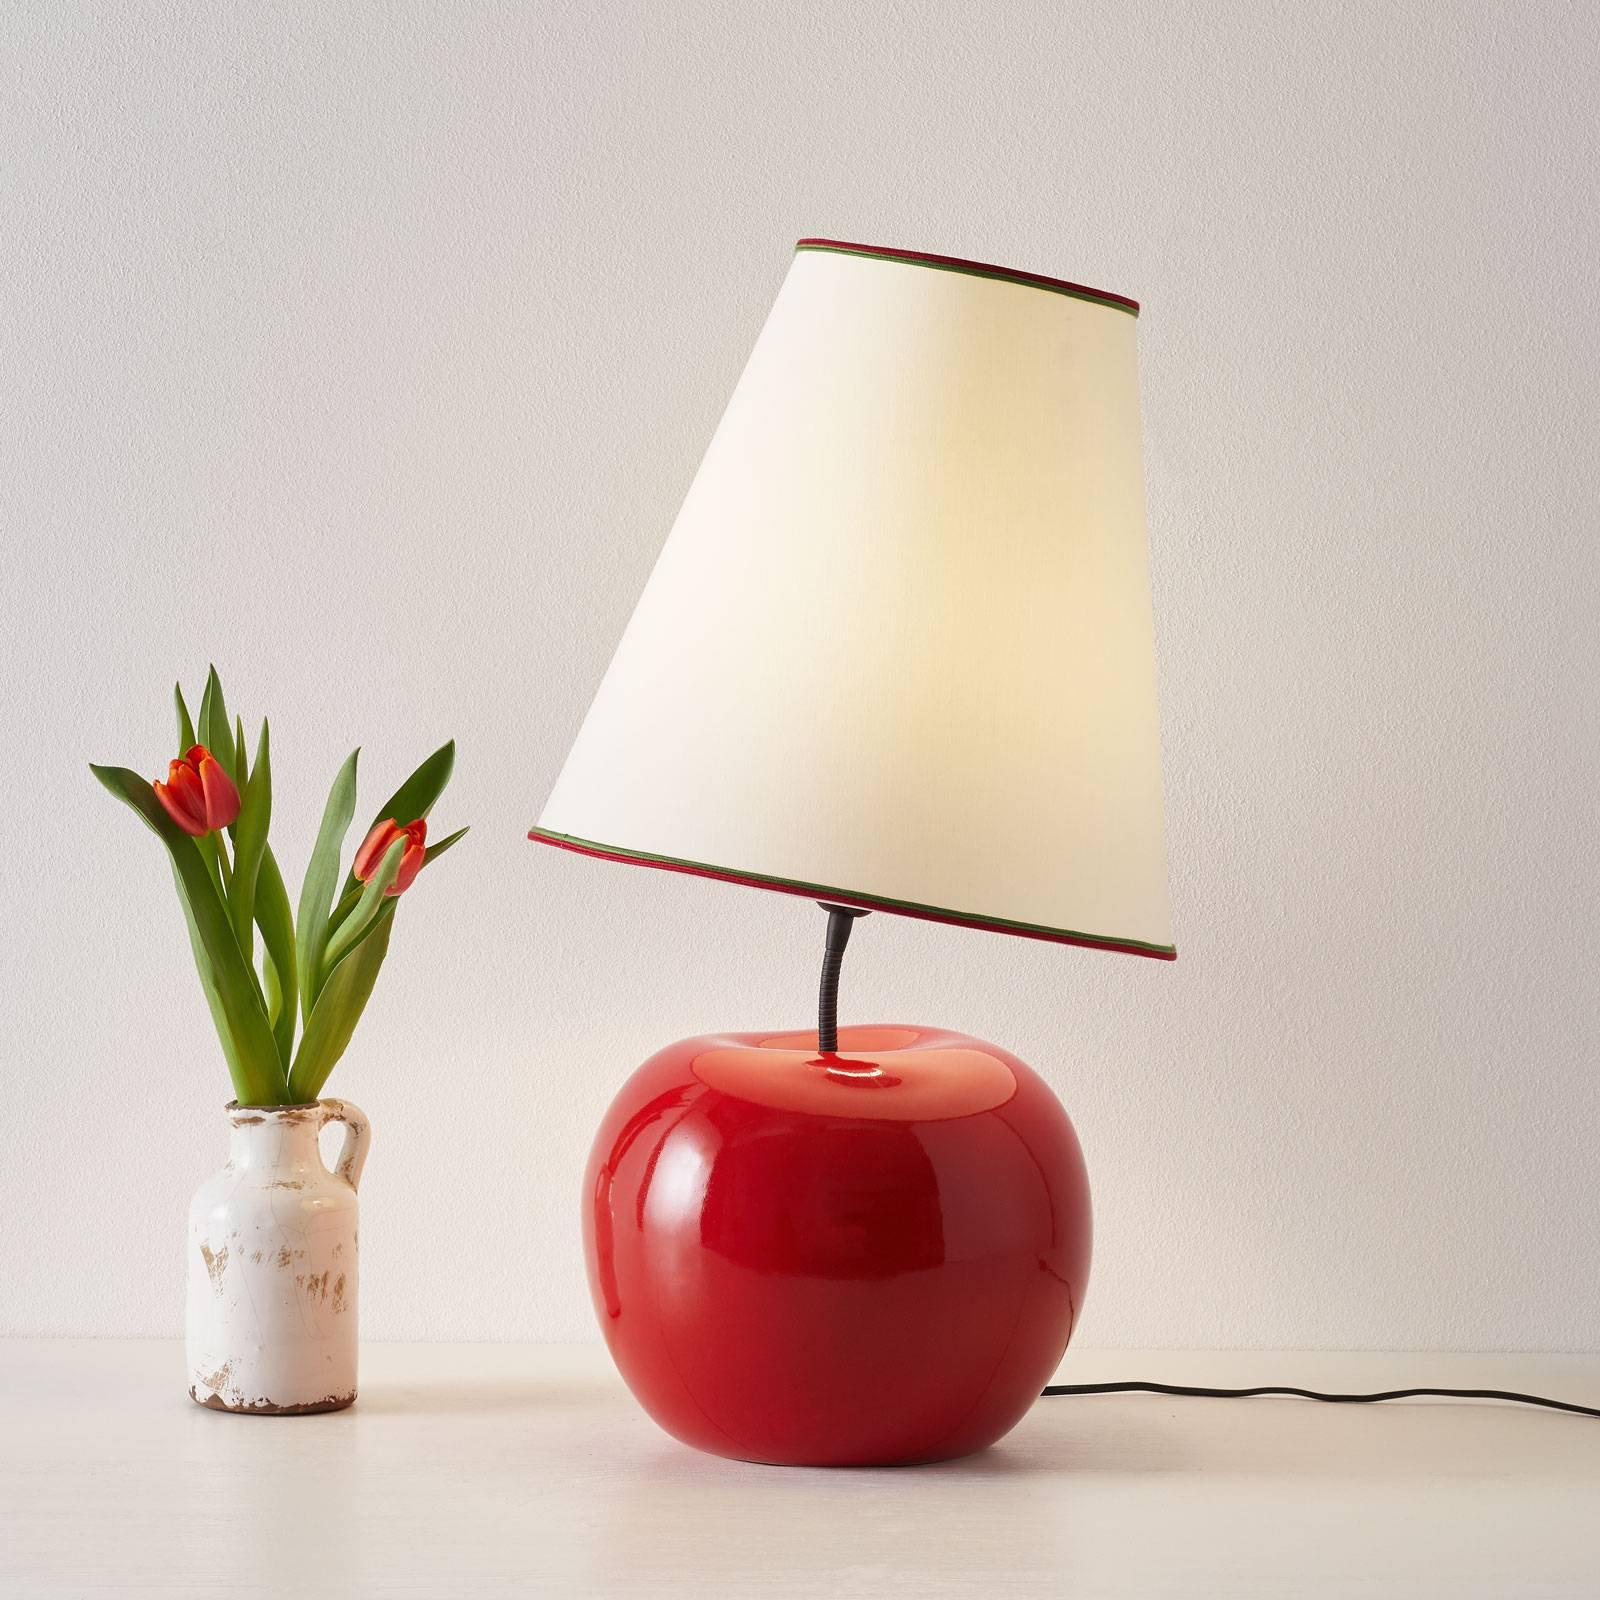 Tekstilbordlampe L187 RSS, keramisk fot, eple